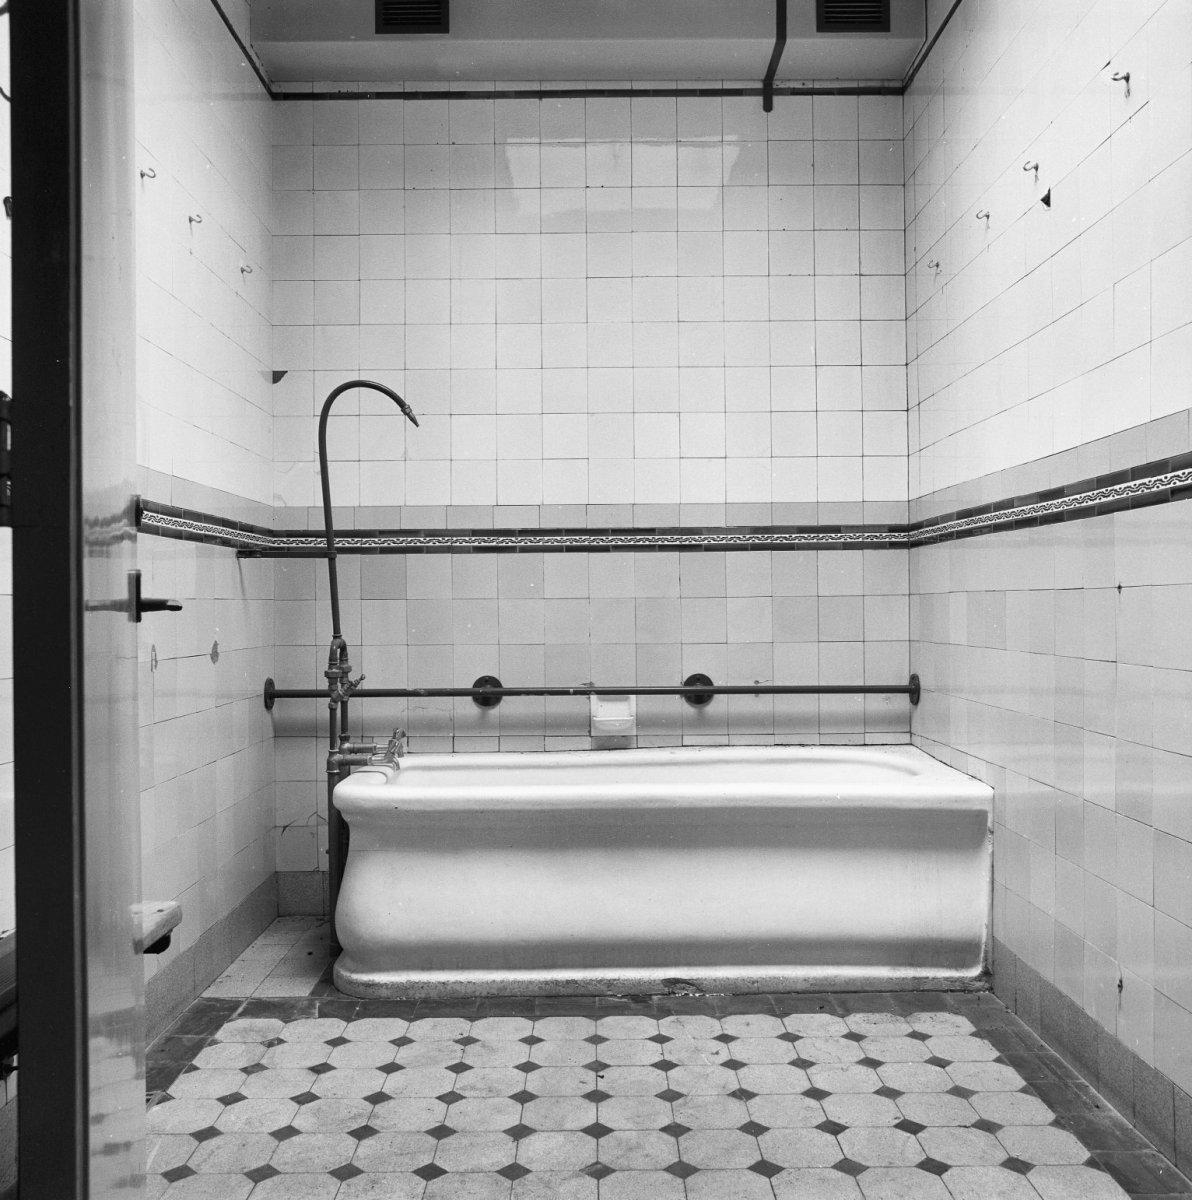 File interieur badkamer utrecht 20299787 wikimedia commons - Bad kamer ...